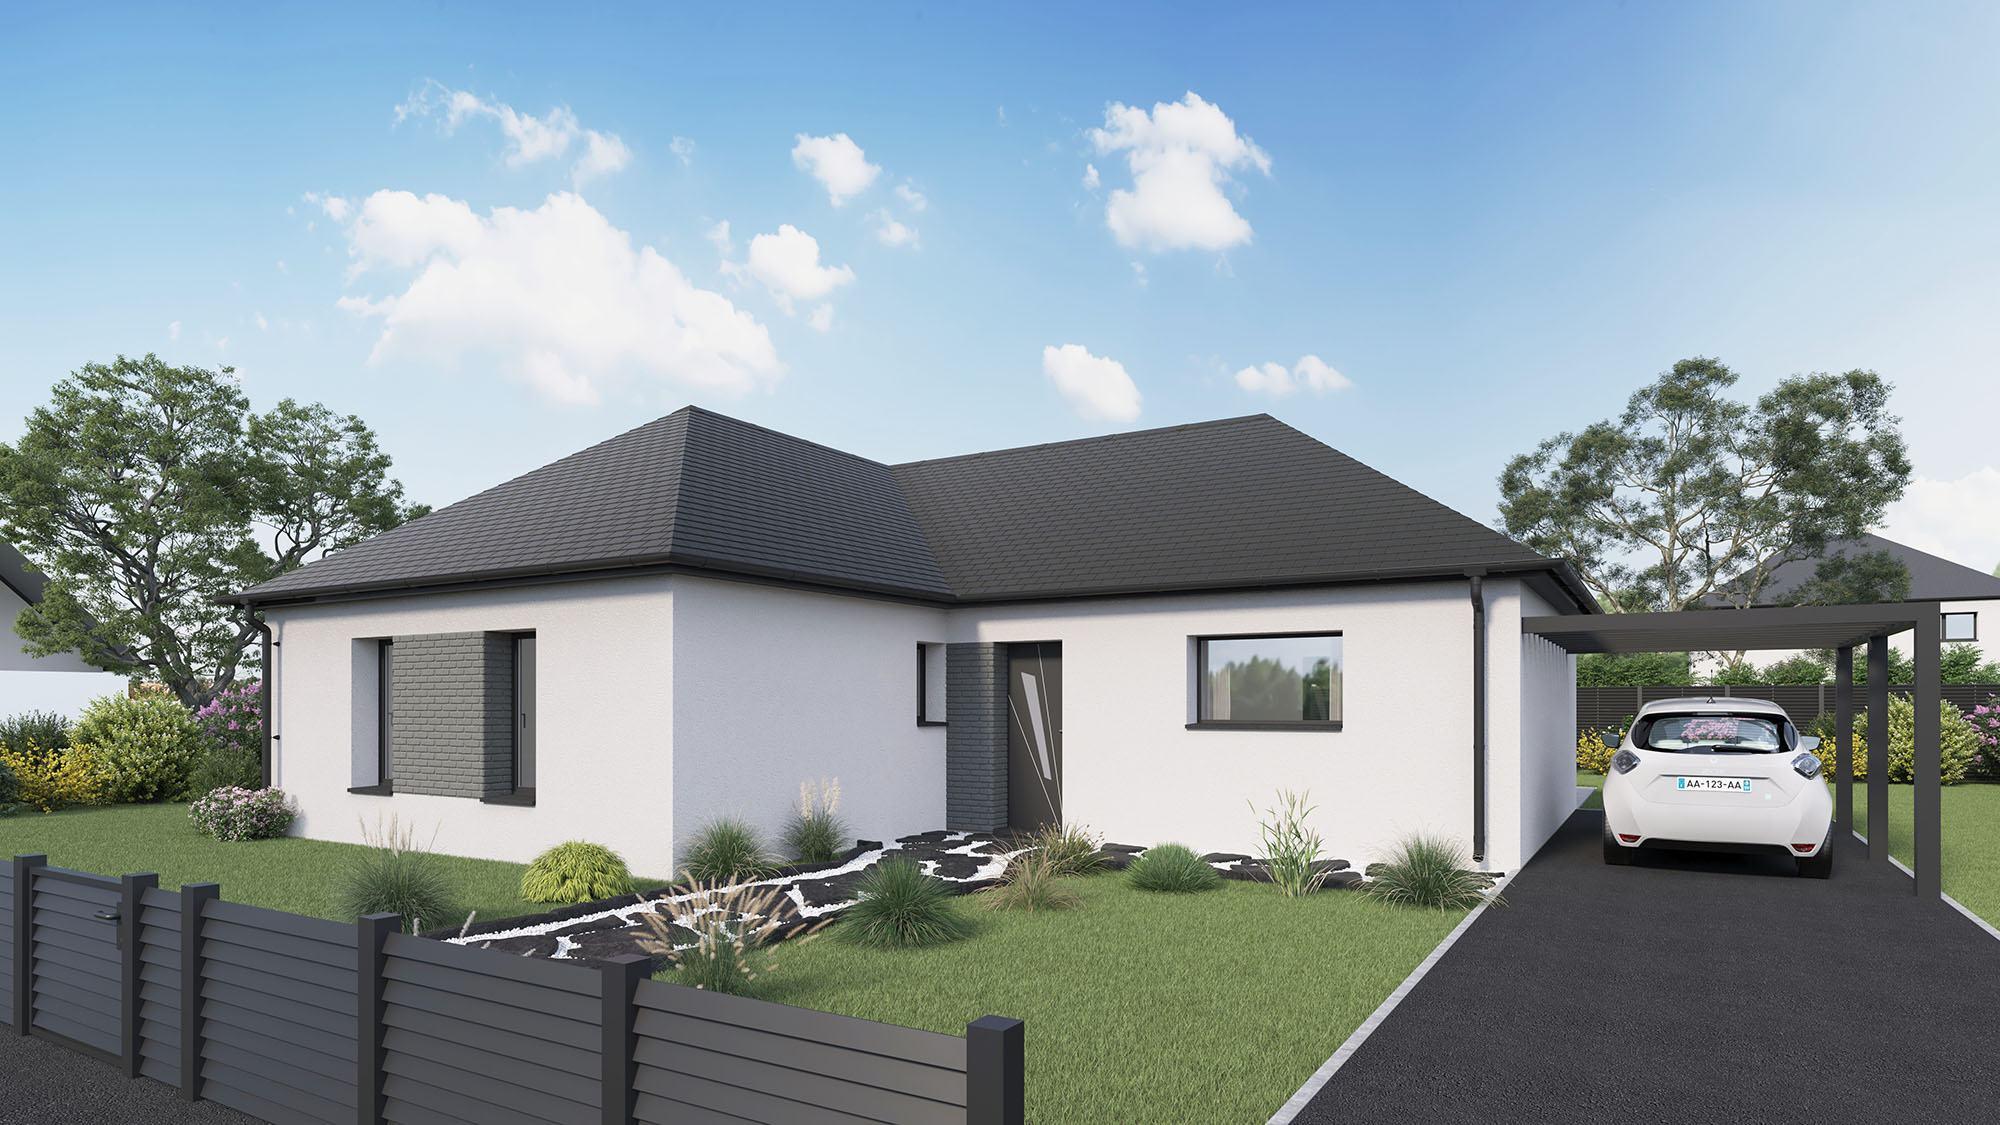 Votre maison + terrain à Sommervieu  - 14400